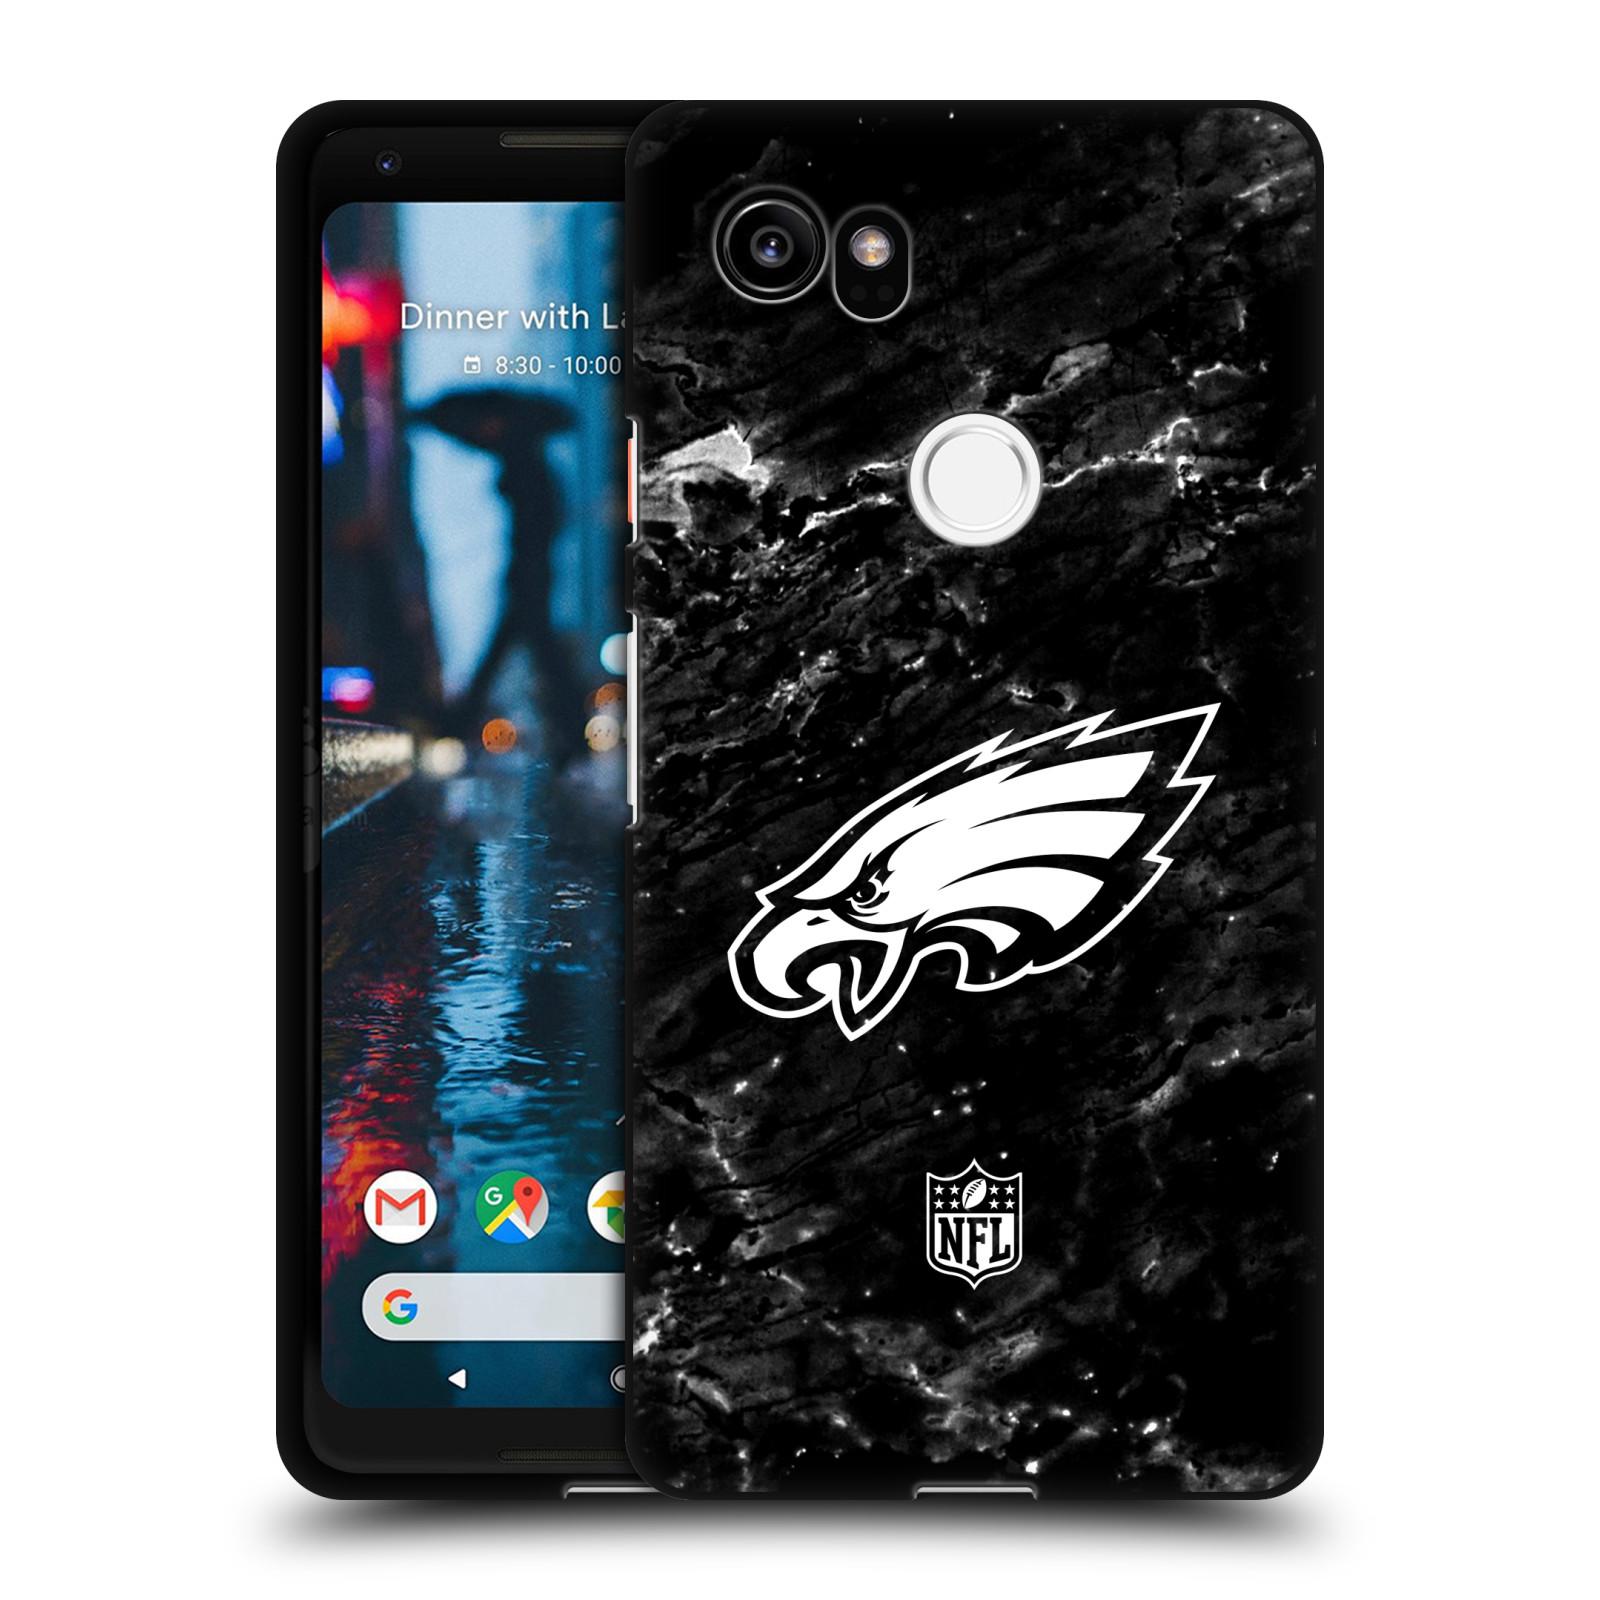 OFFICIAL-NFL-2017-18-PHILADELPHIA-EAGLES-BLACK-SOFT-GEL-CASE-FOR-GOOGLE-PHONES